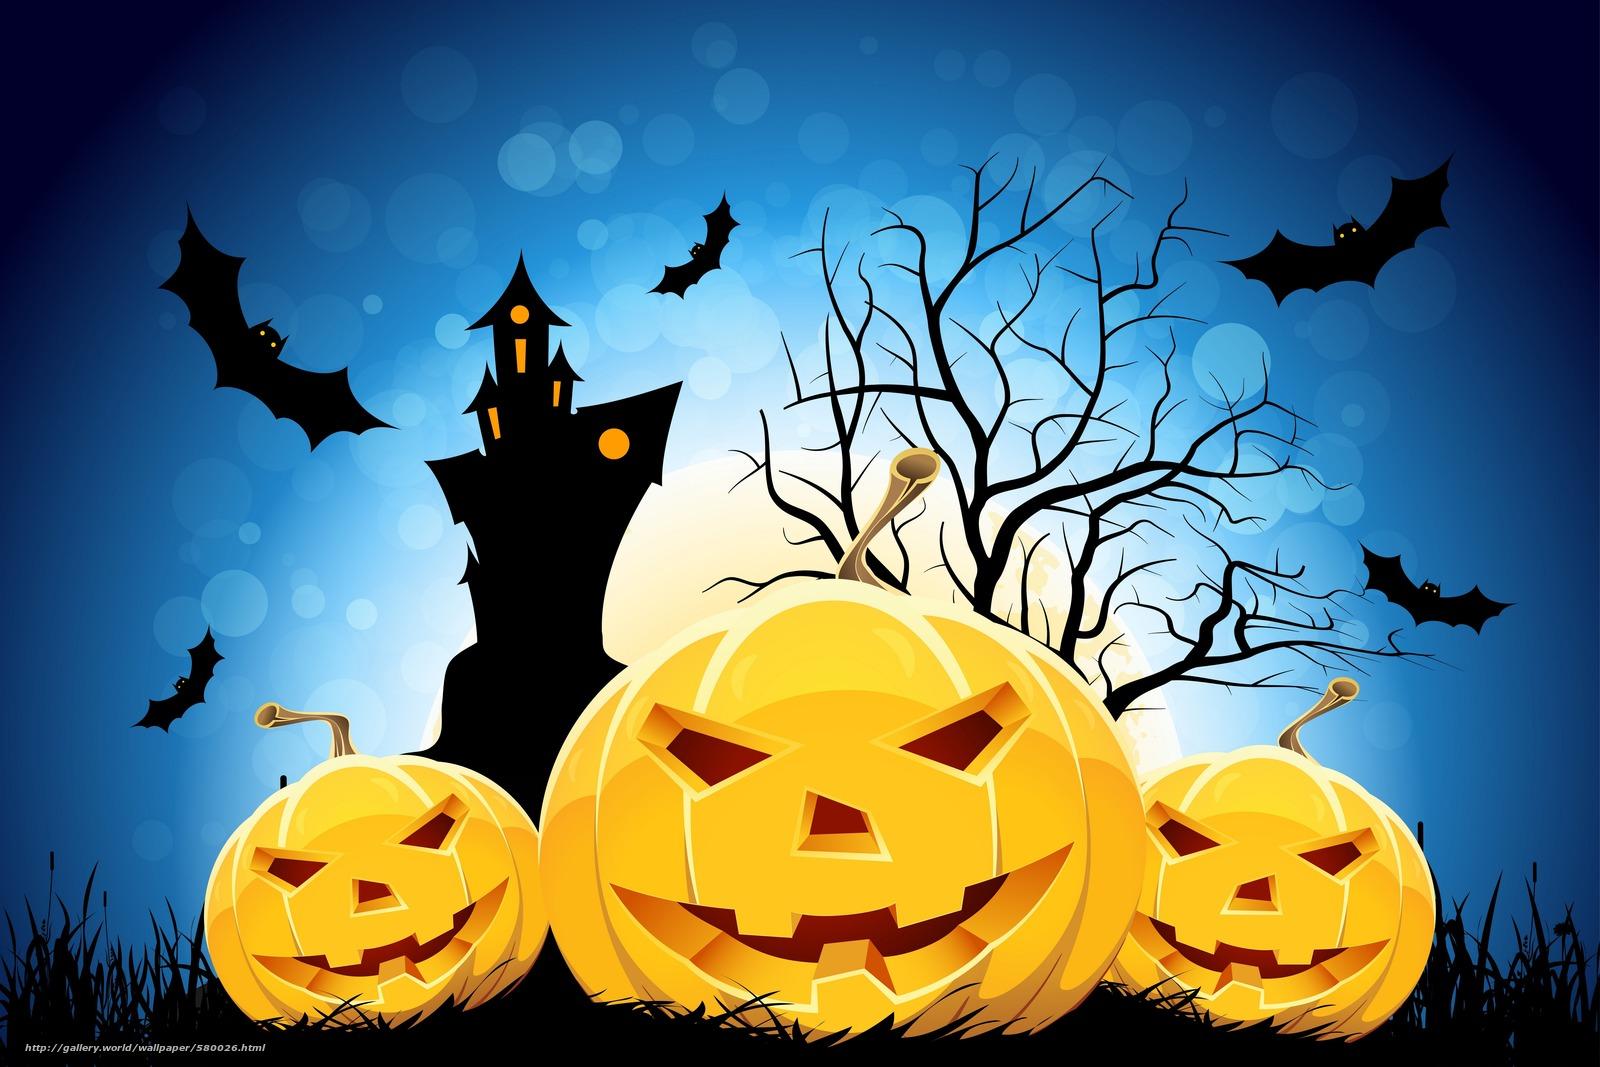 Tlcharger fond d 39 ecran halloween citrouille dr le f te - Image halloween drole ...